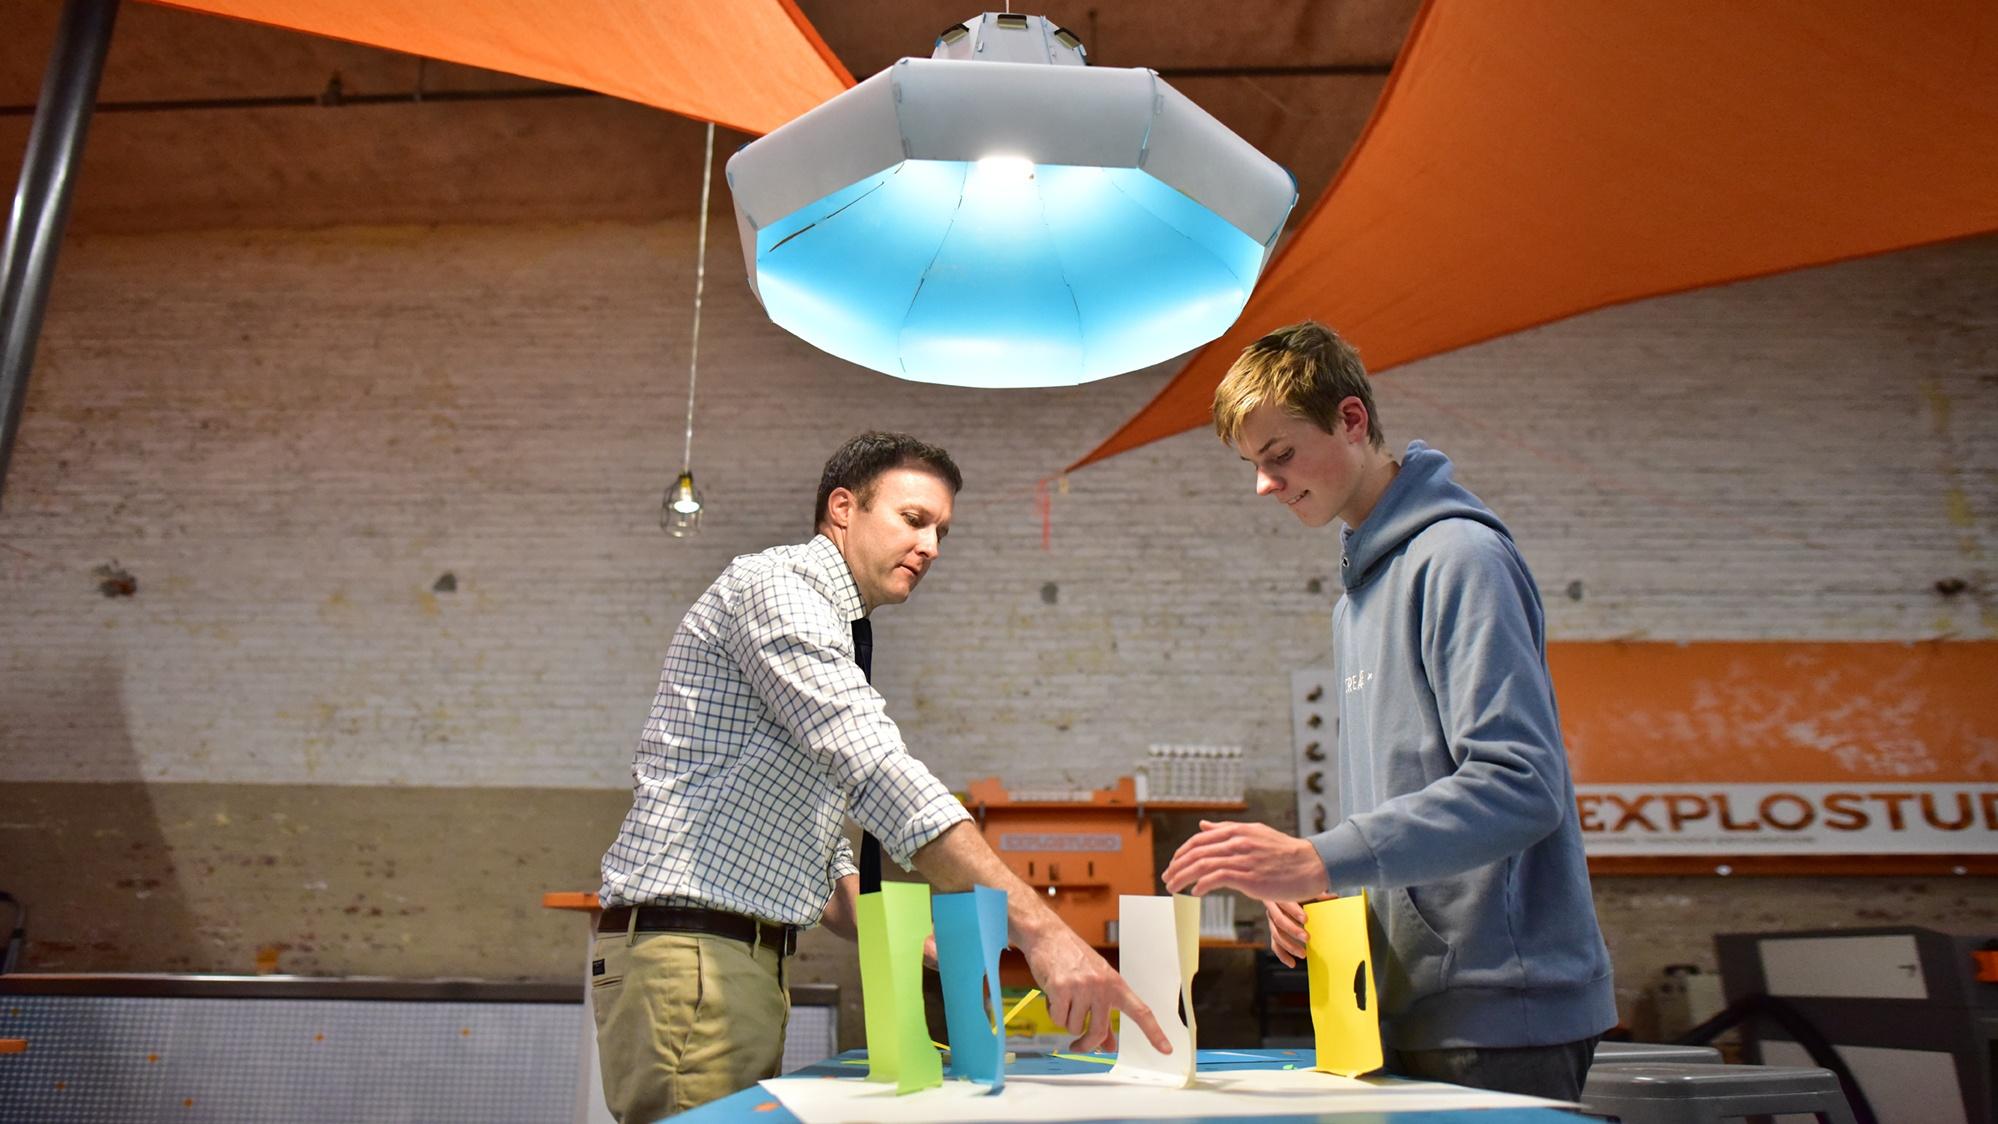 EXPLO Collaborates With Britain's Sevenoaks School